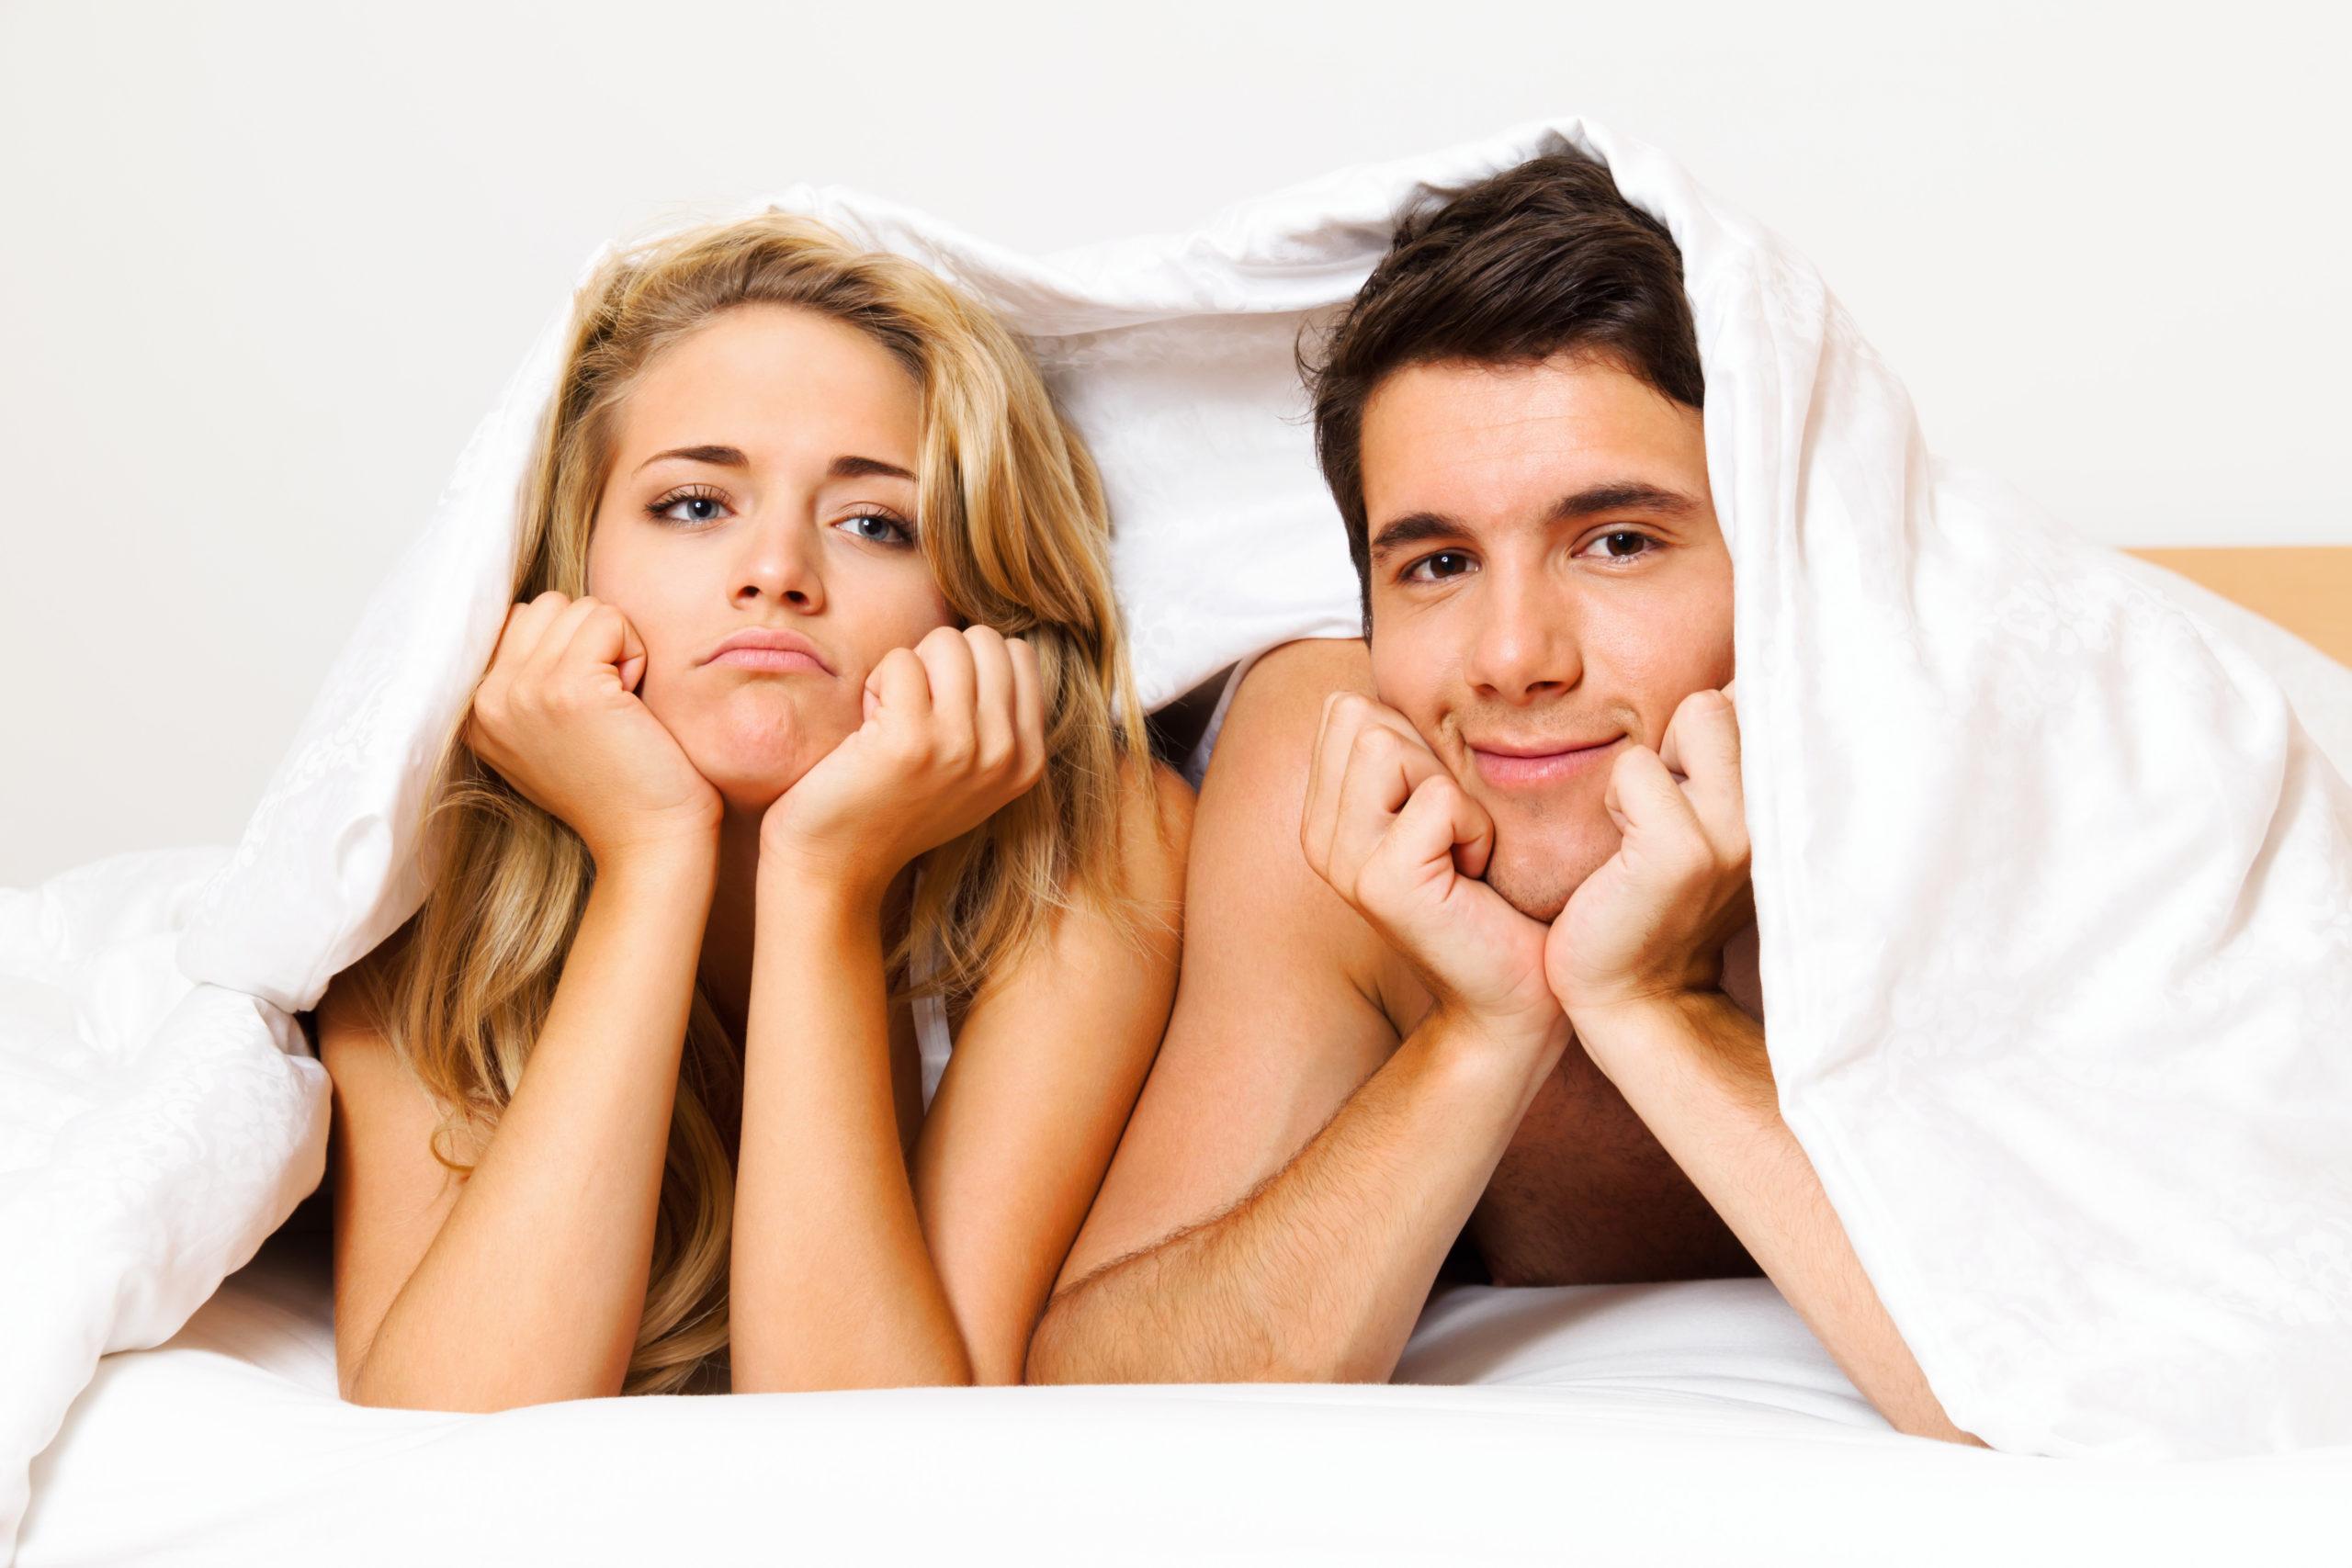 Из-за этого чаще всего распадаются браки?